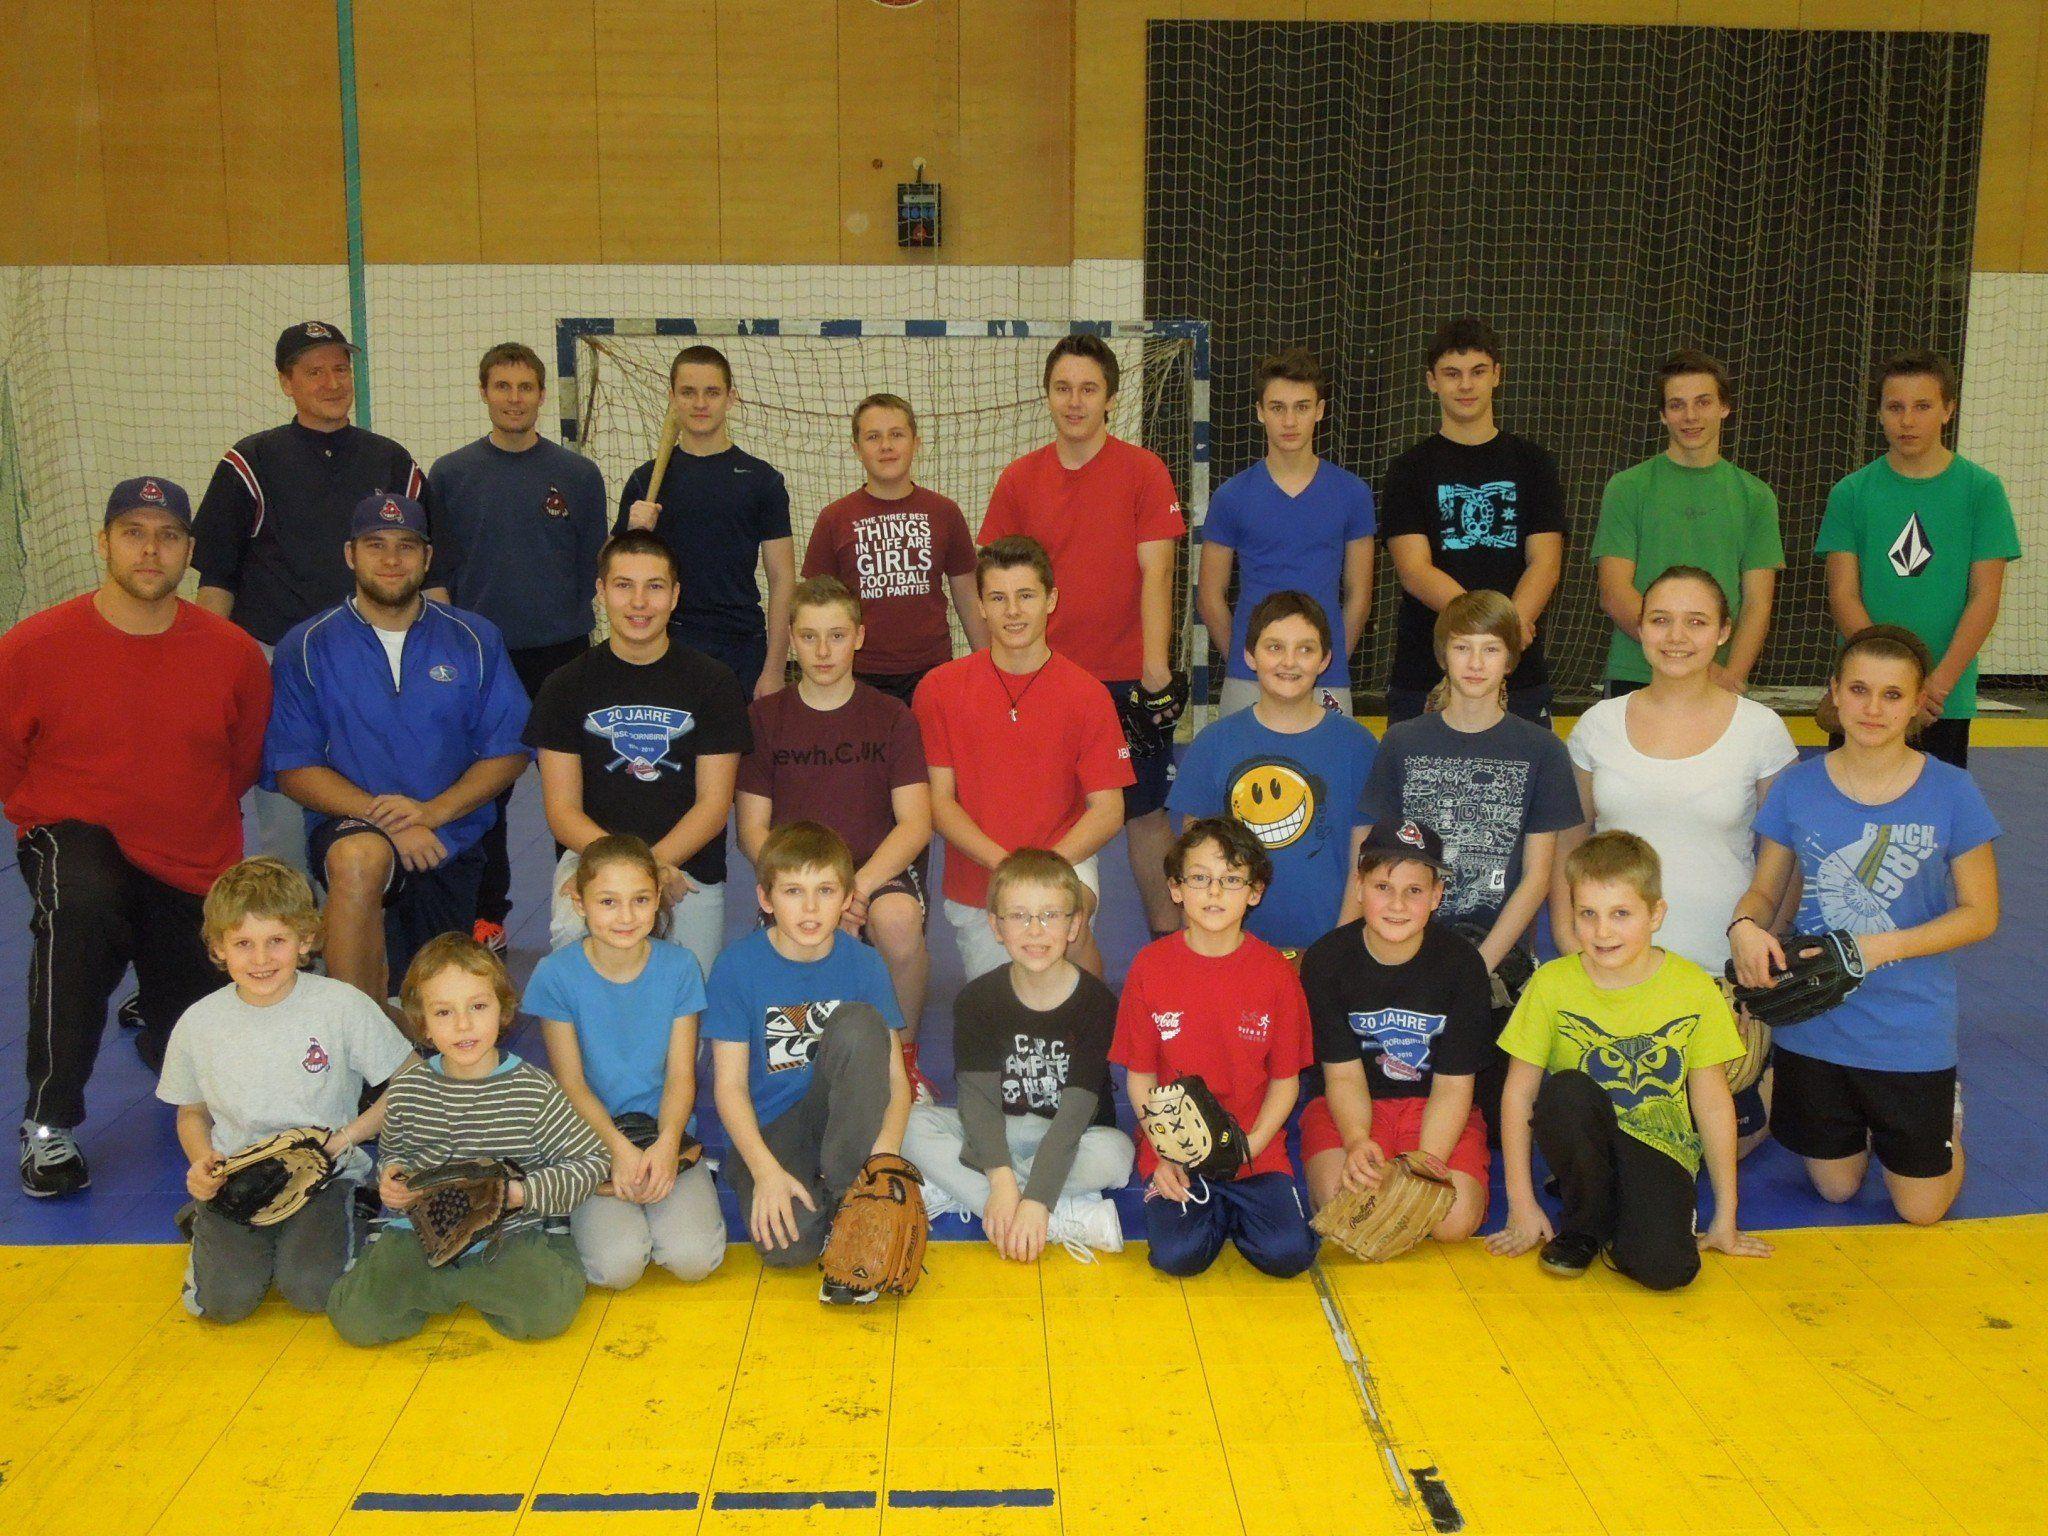 Die Indians hoffen, dass auch ab Frühjahr wieder Baseball in Dornbirn gespielt werden kann.